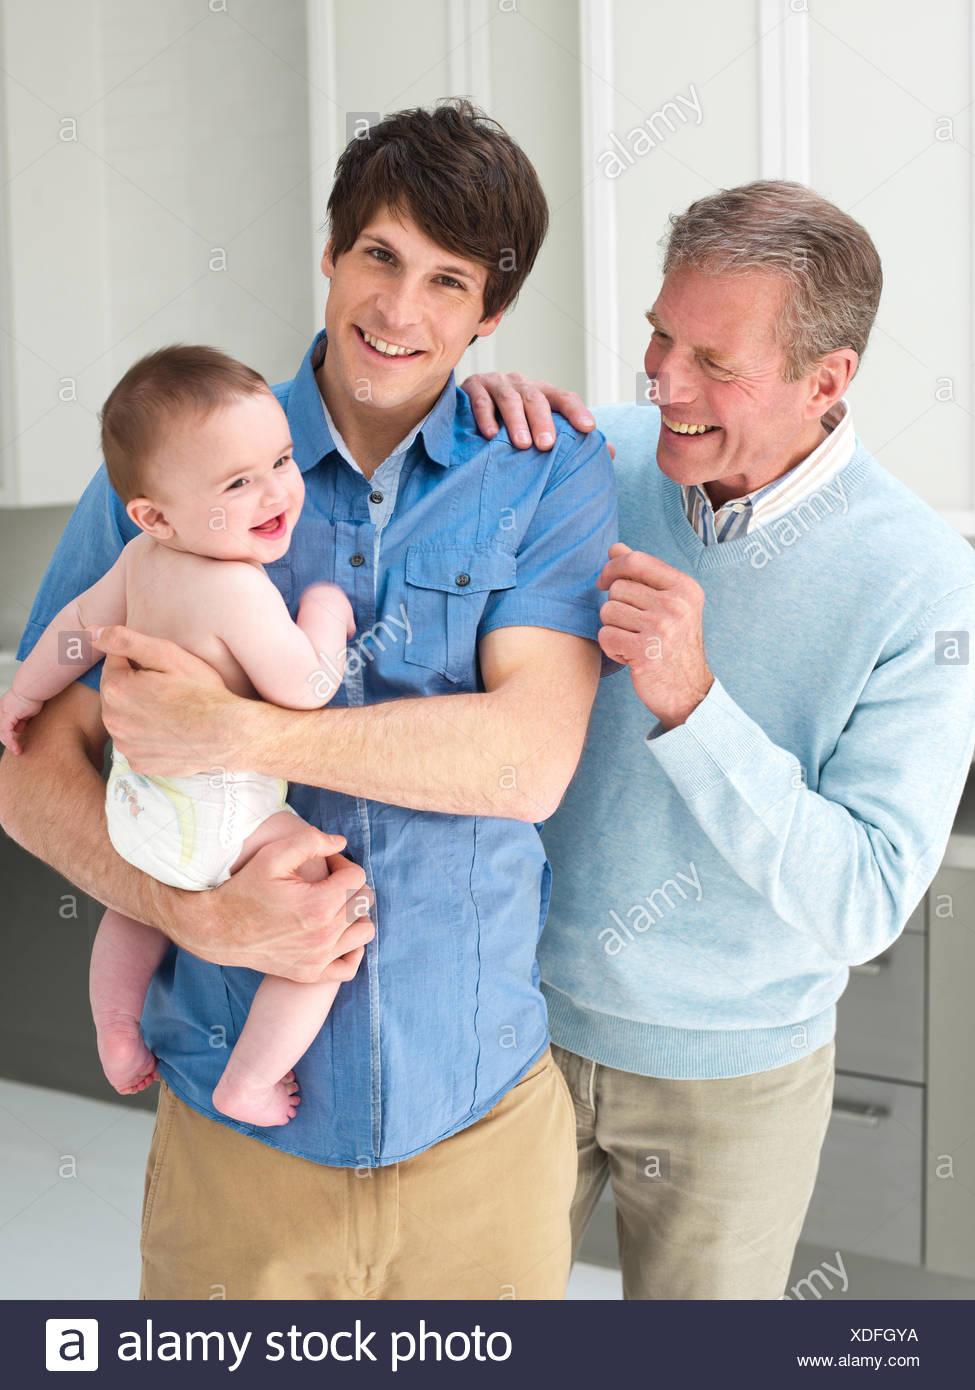 Los machos de la generación multi-sonriente Imagen De Stock